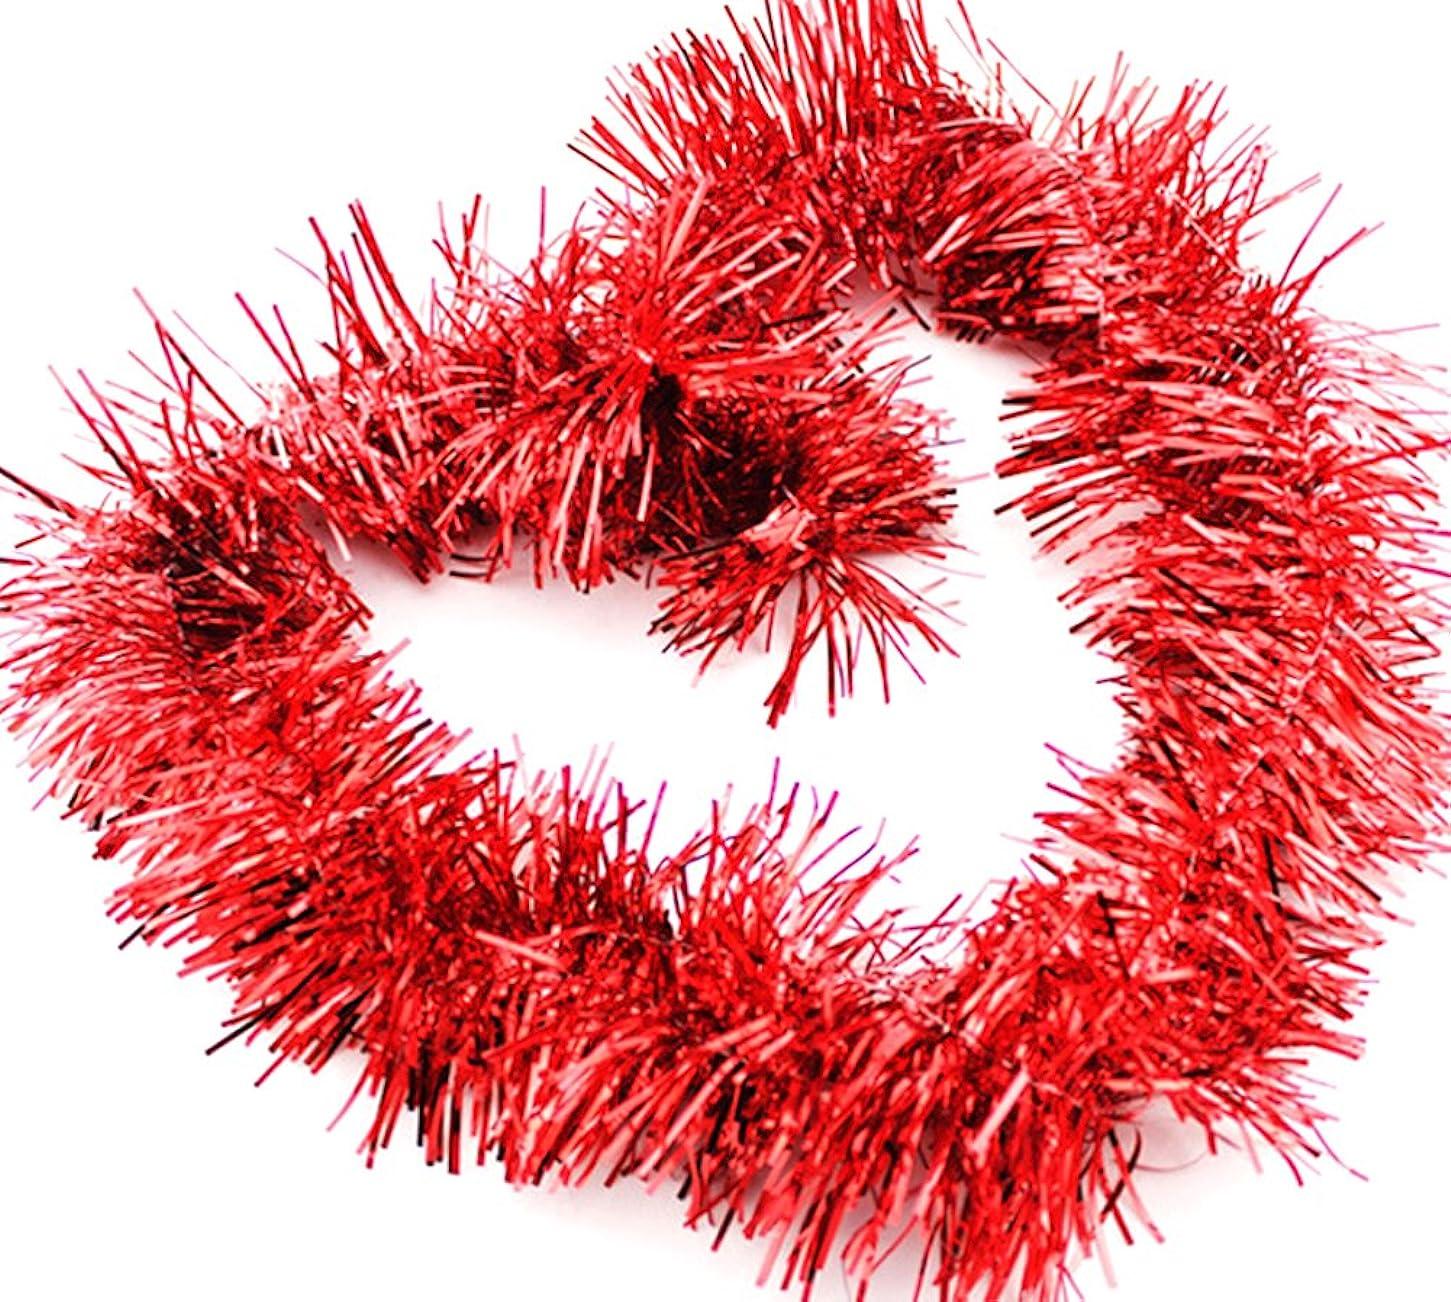 保証する近所のモックDCMA パーティー 【レッド】クリスマス リース キラキラ パーティー モール フリフリ 飾り ボリューム感 Lサイズ 幅8CM 長2M 1点